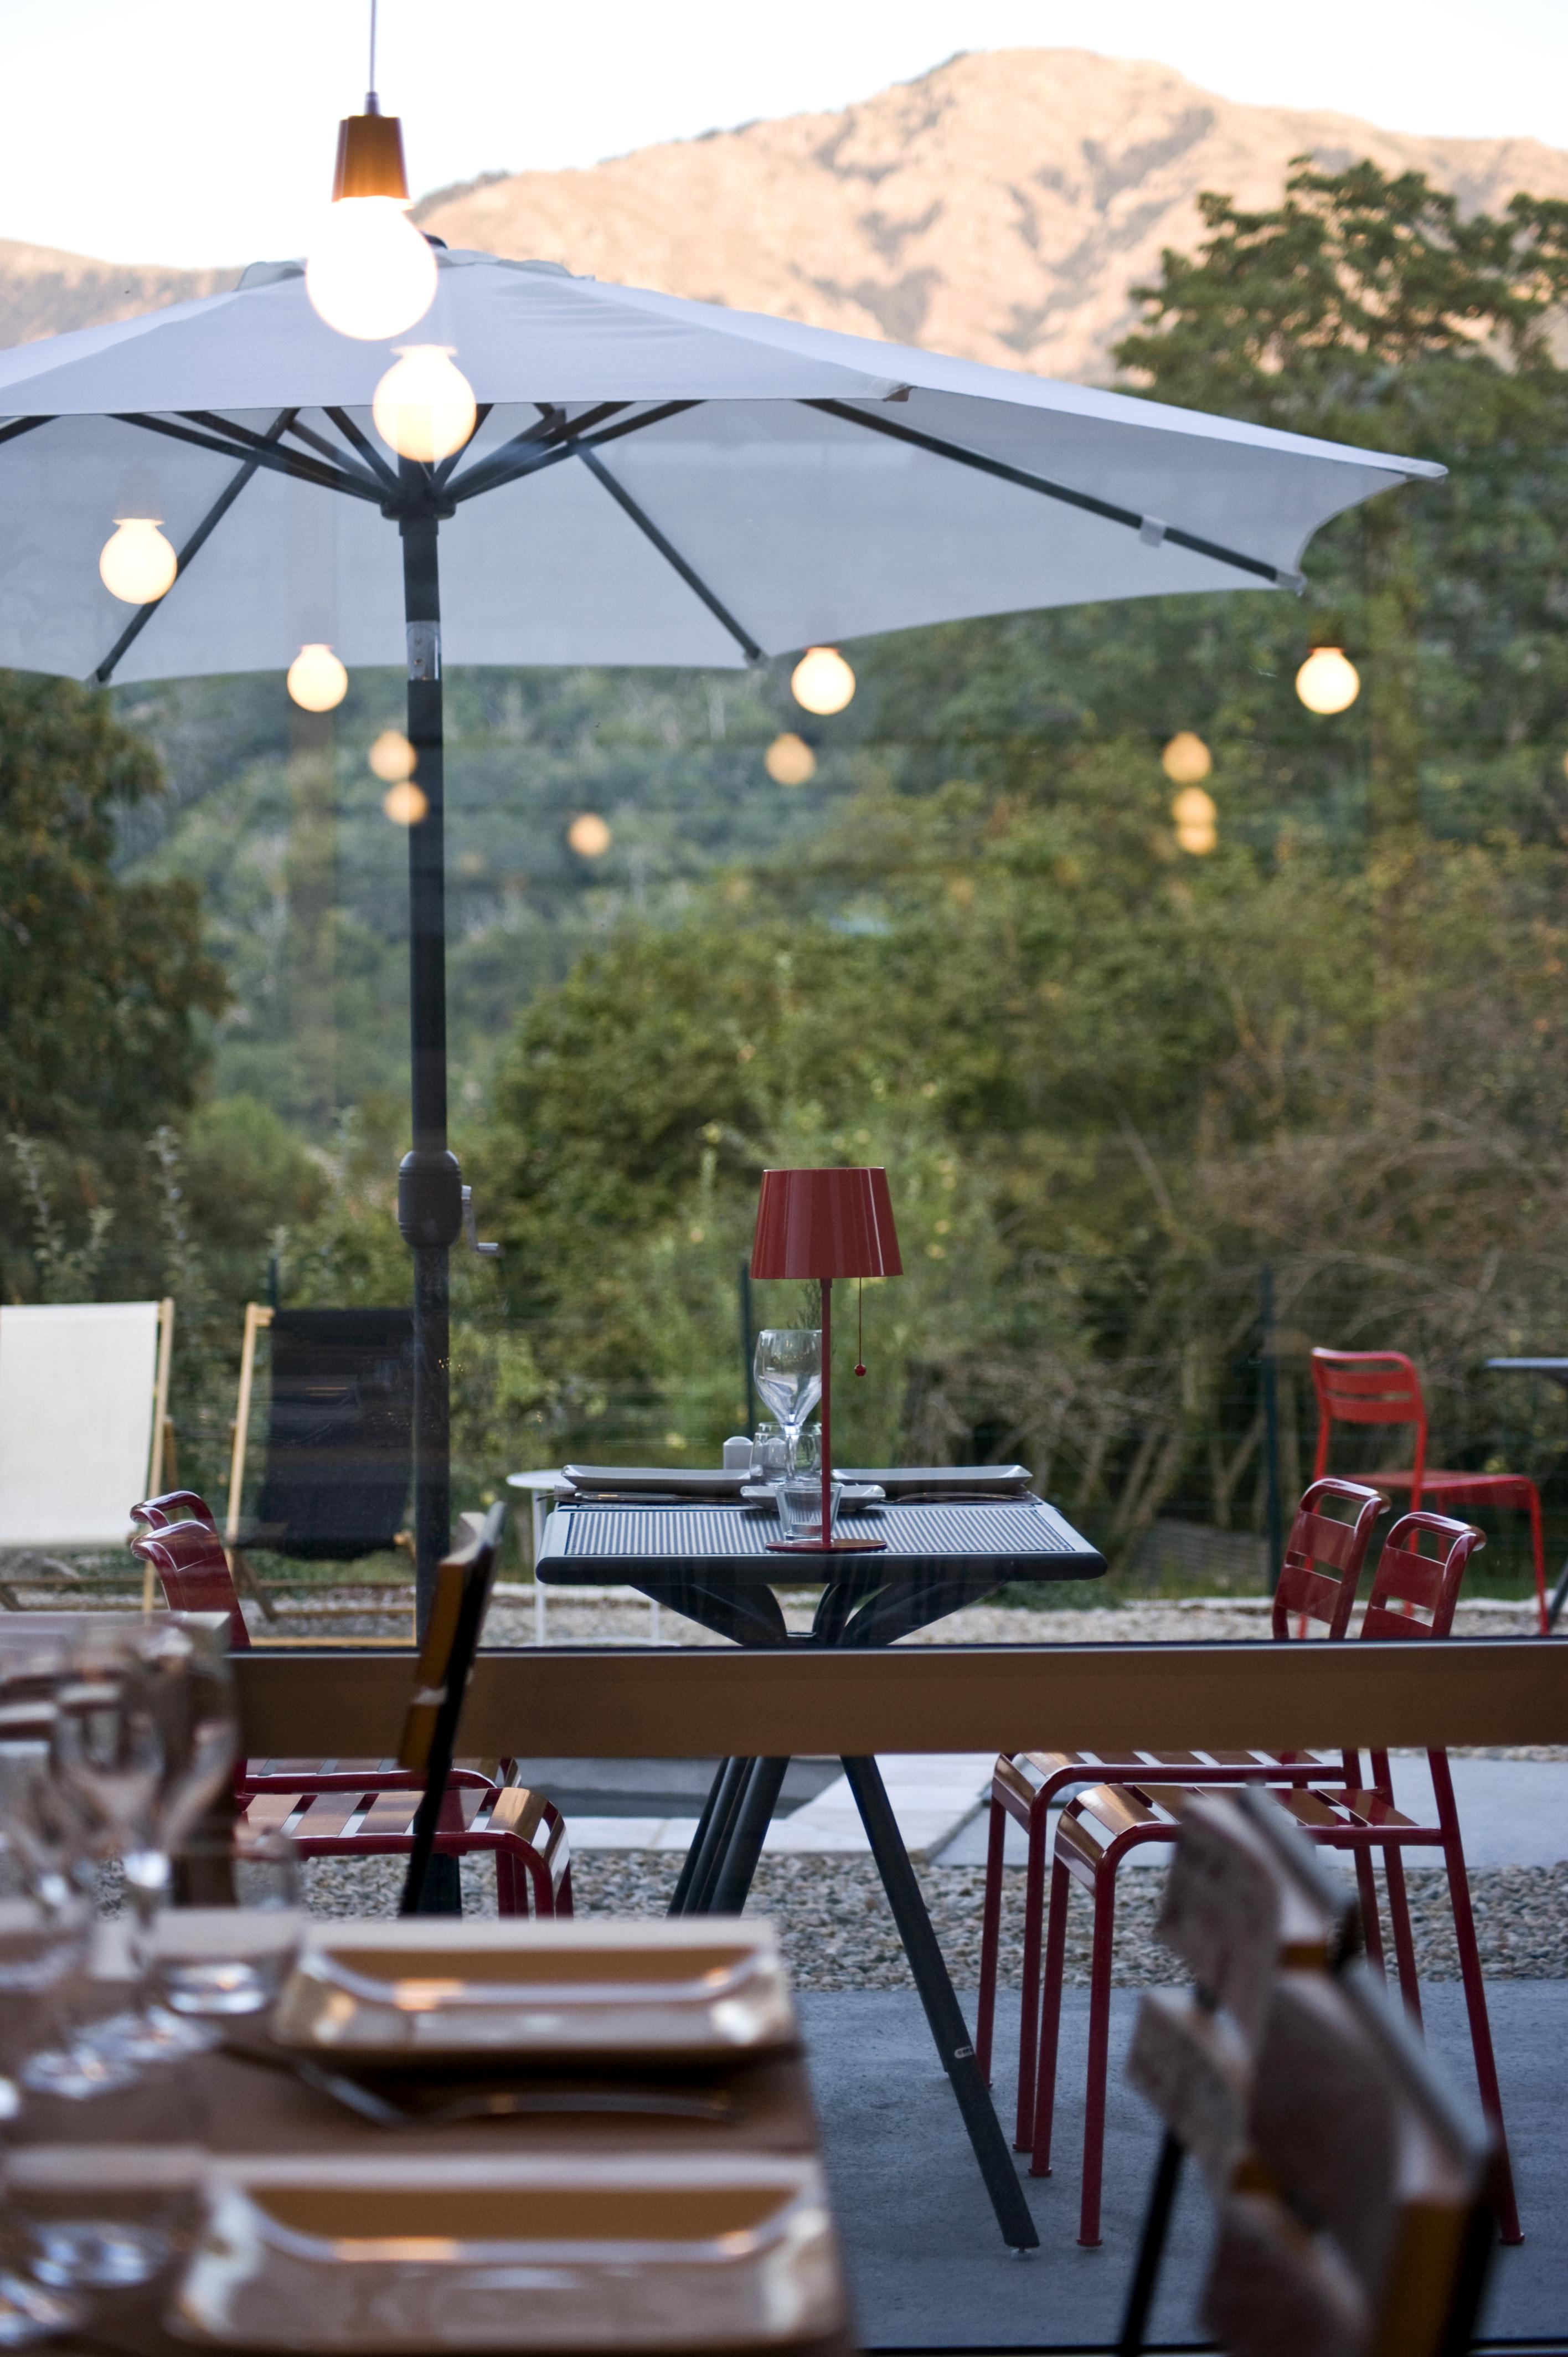 Soirée d'été en terrasse hôtel de charme Corse